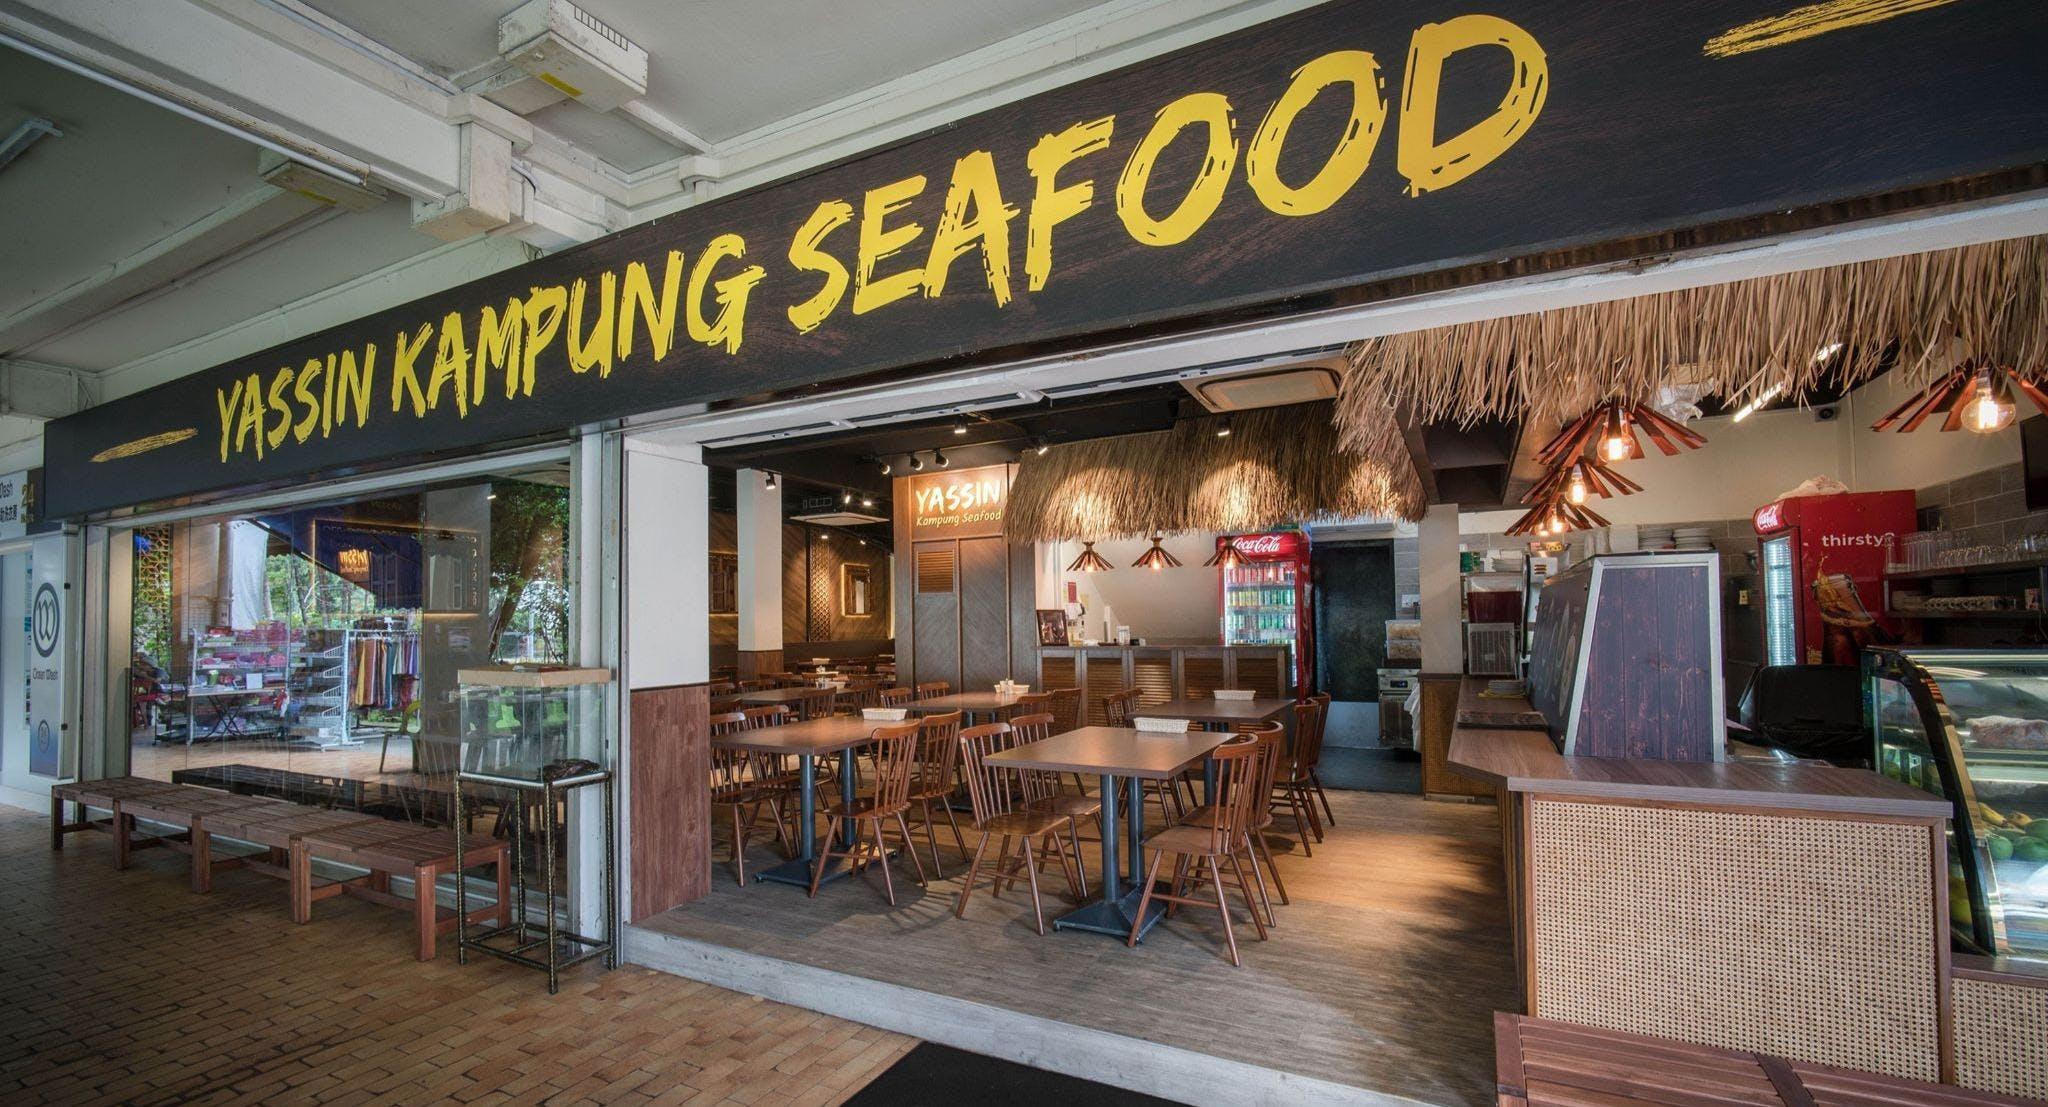 Yassin Kampung Seafood Bedok Singapore image 2